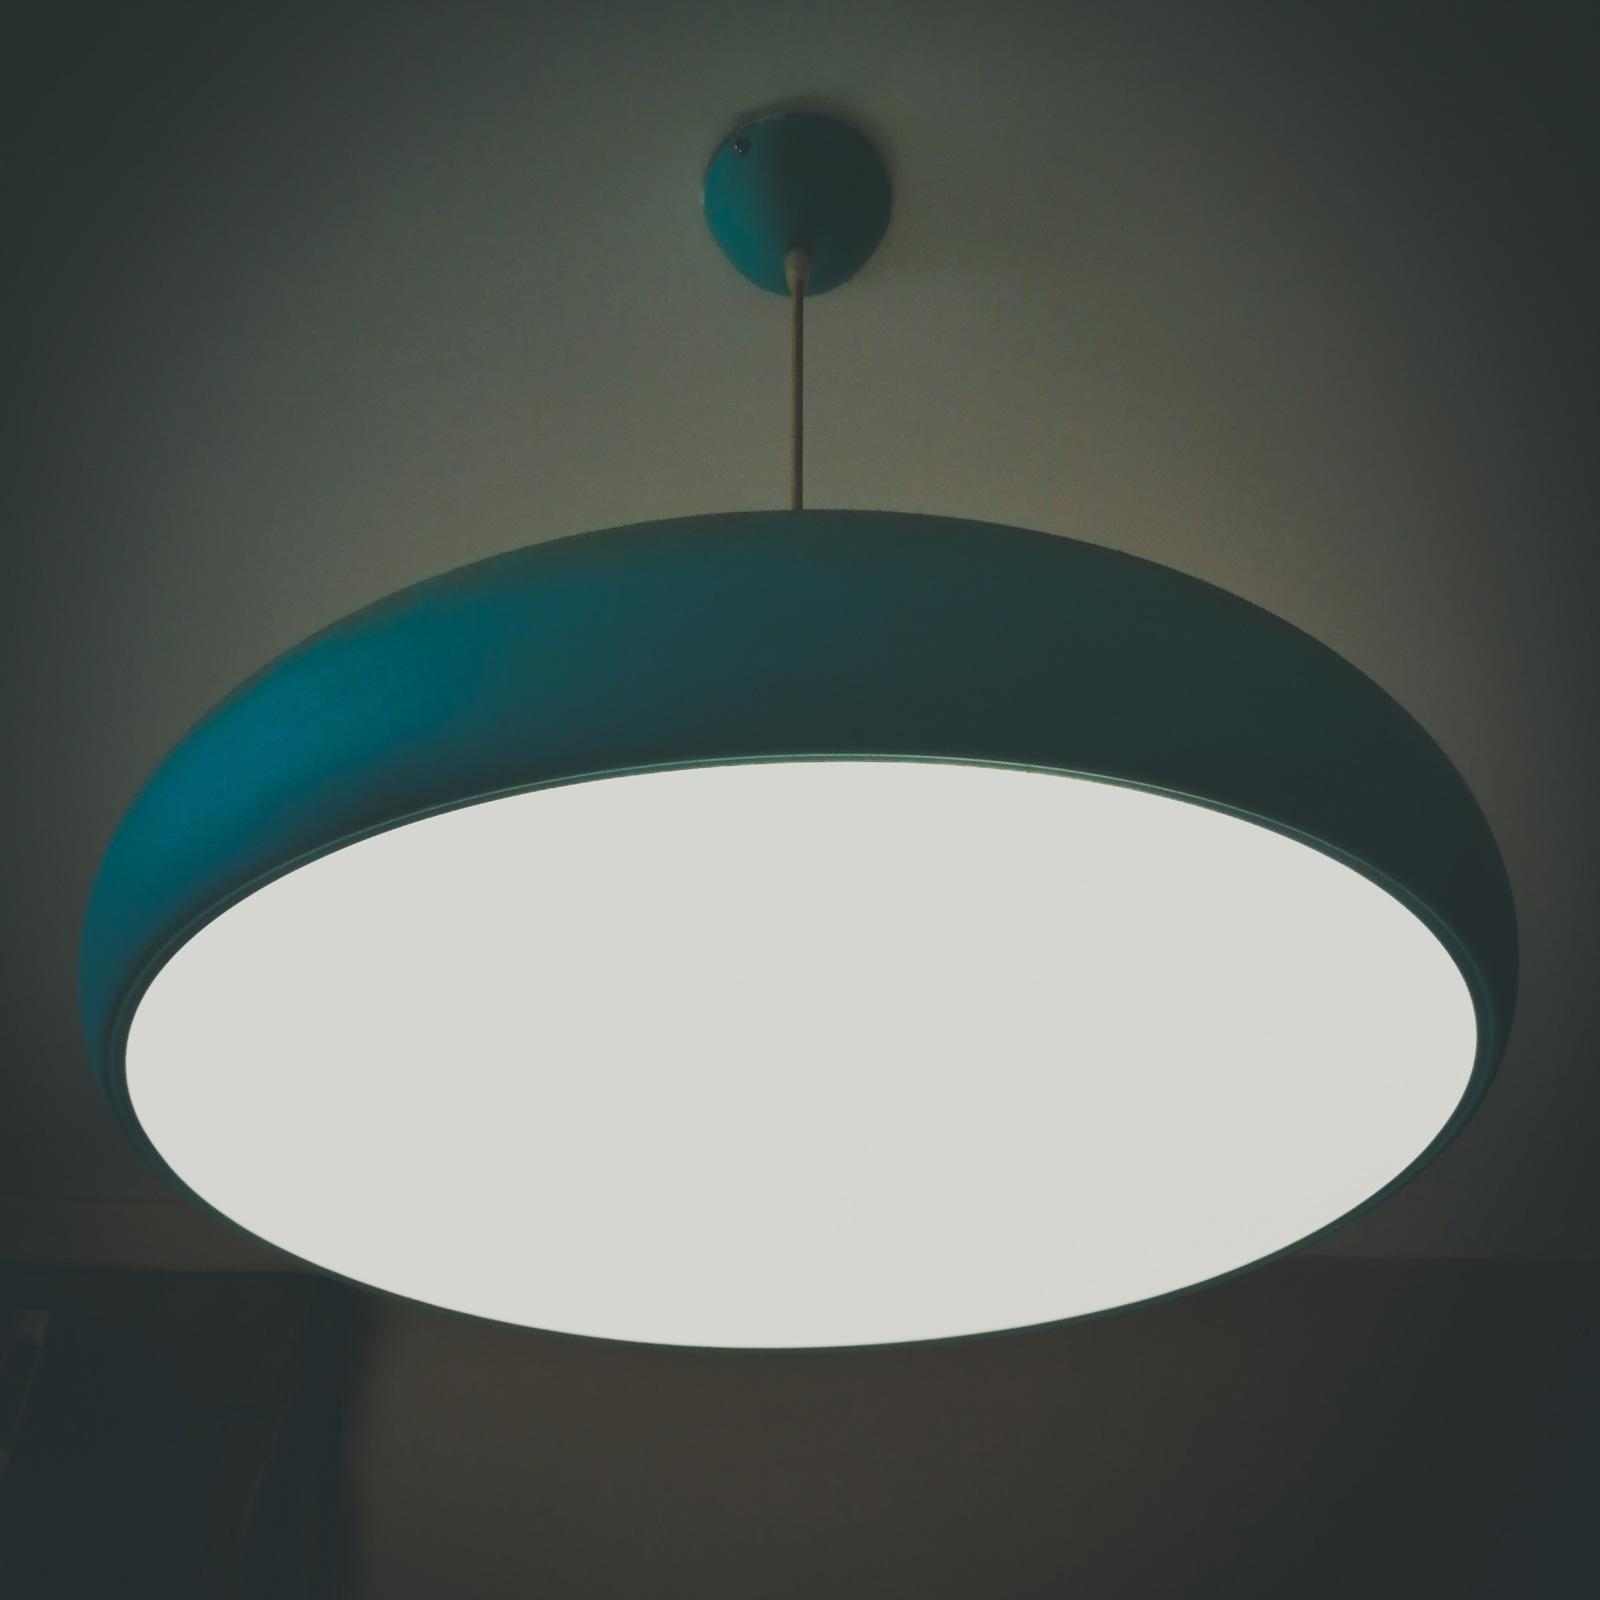 Weiches Licht von oben sorgt als Grundbeleuchtung für Orientierung im Raum.